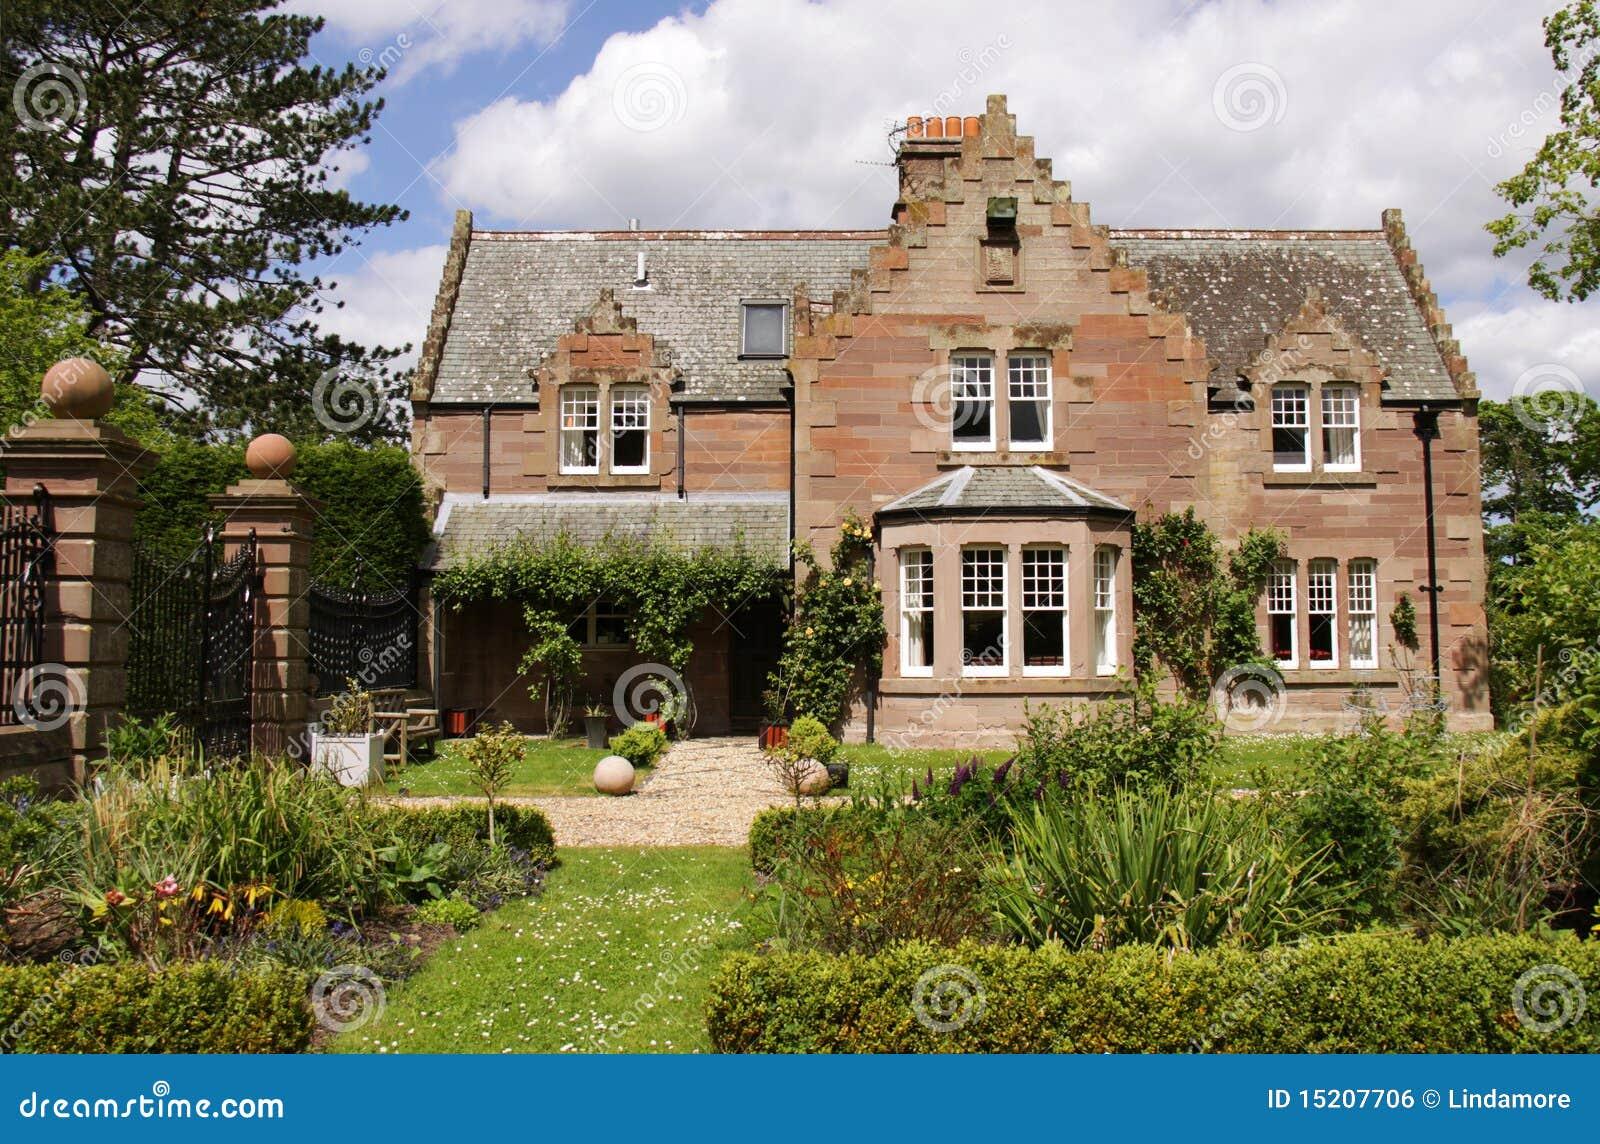 Casa di campagna e giardini idillici immagine stock libera - Giardini in casa ...